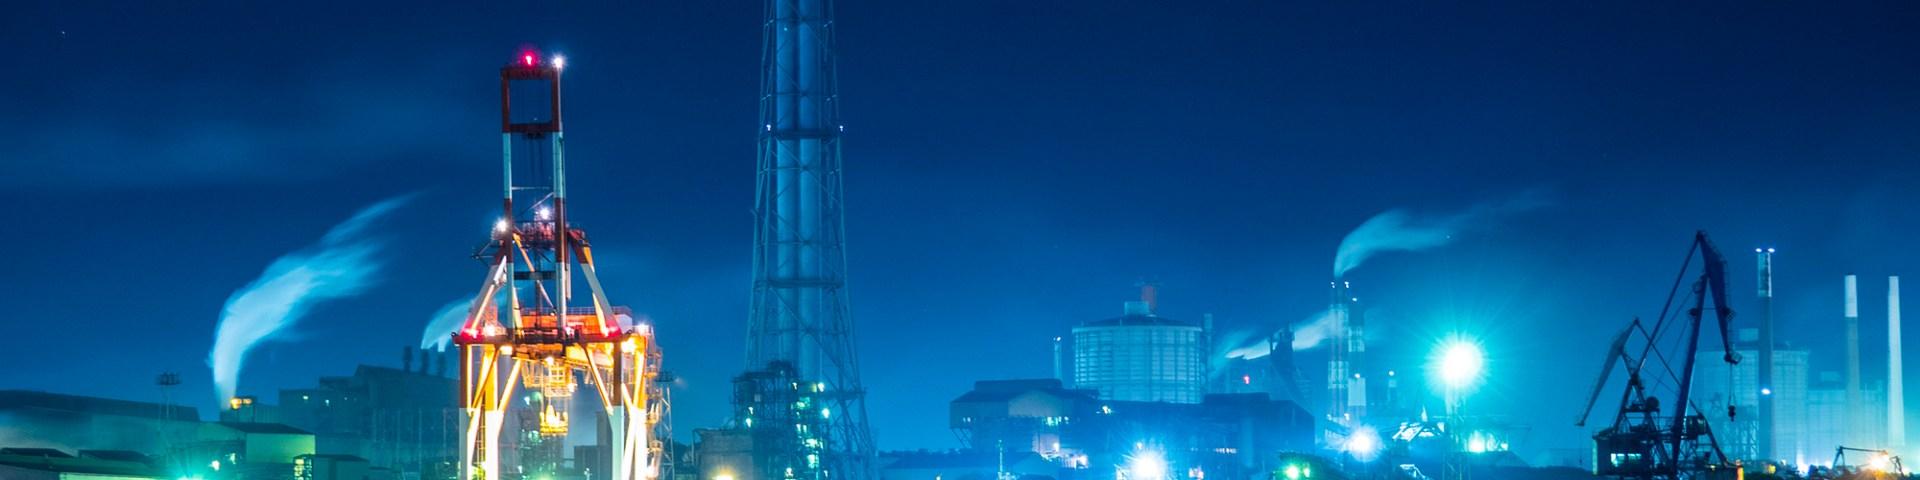 工場夜景:鹿島 湊公園